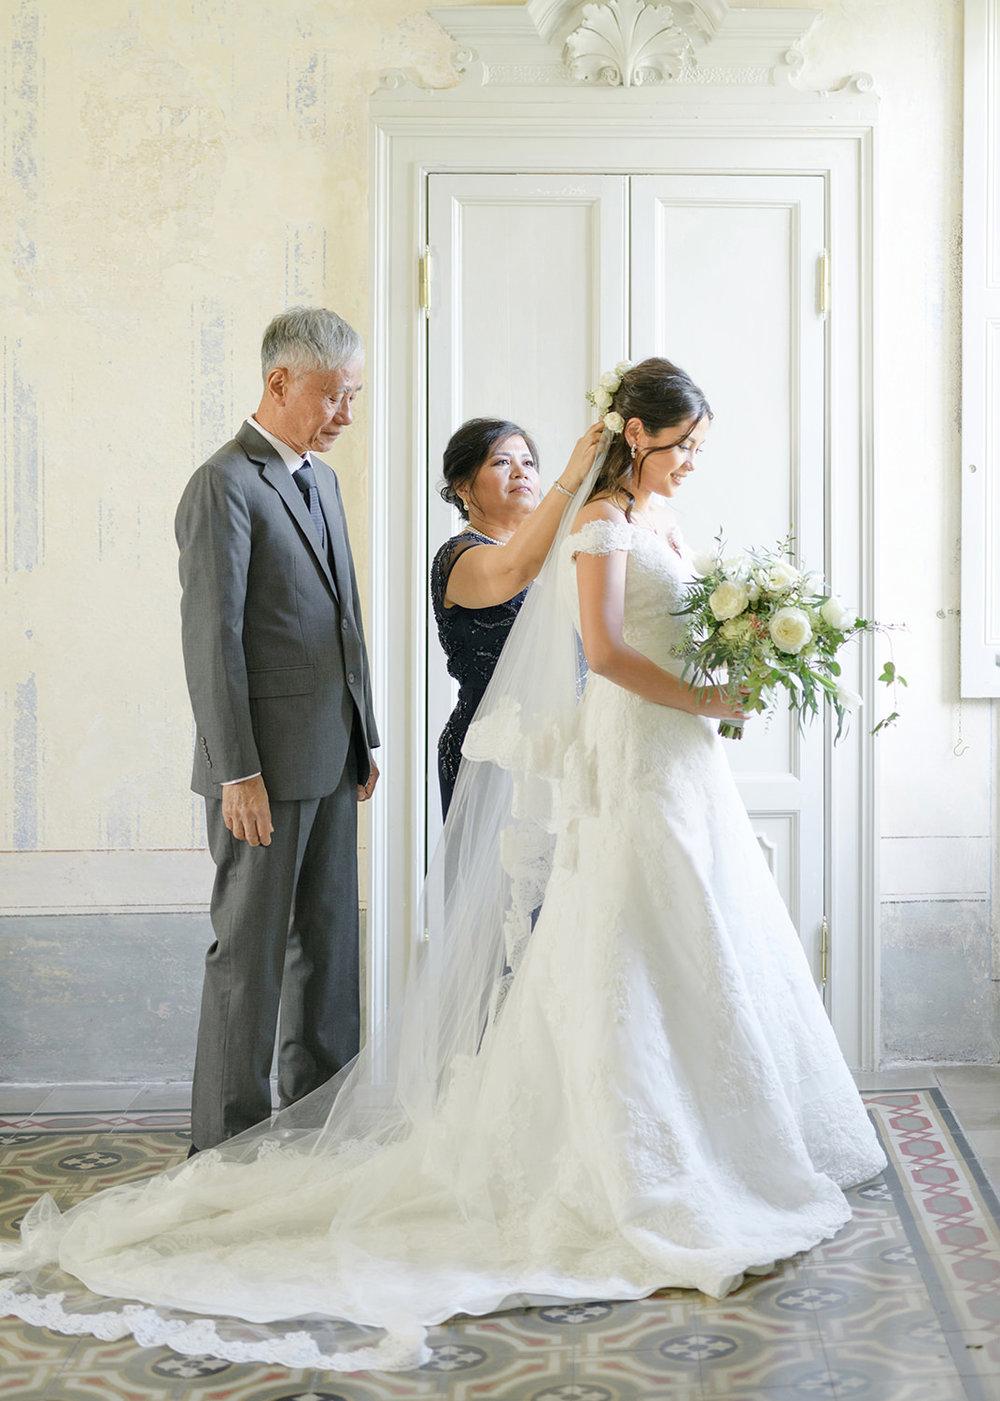 villa-regina-teodolinda-wedding-photographer-C&B-©bottega53-53.JPG